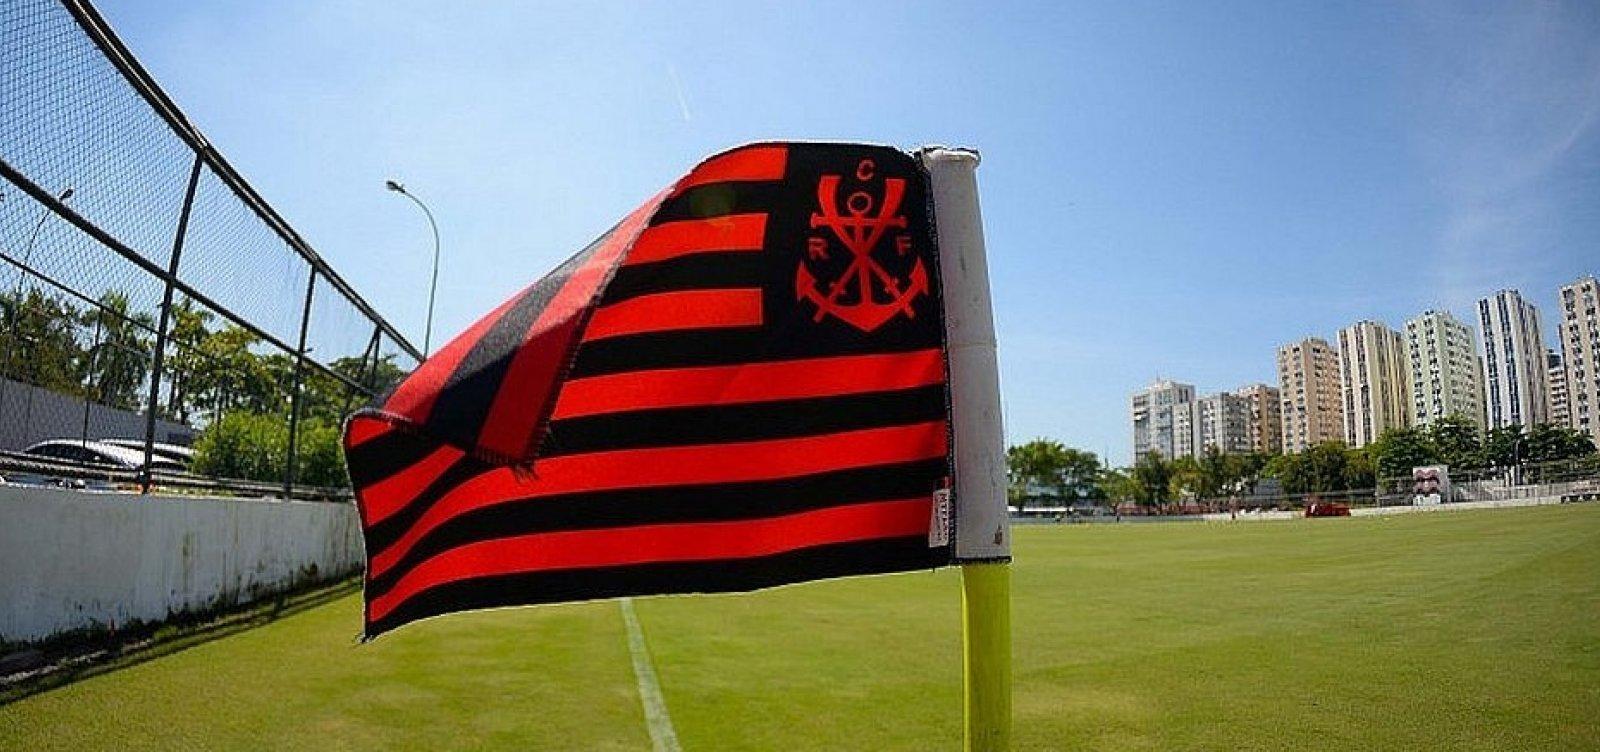 [Pouco mais de um mês após incêndio, base do Flamengo retoma atividades]